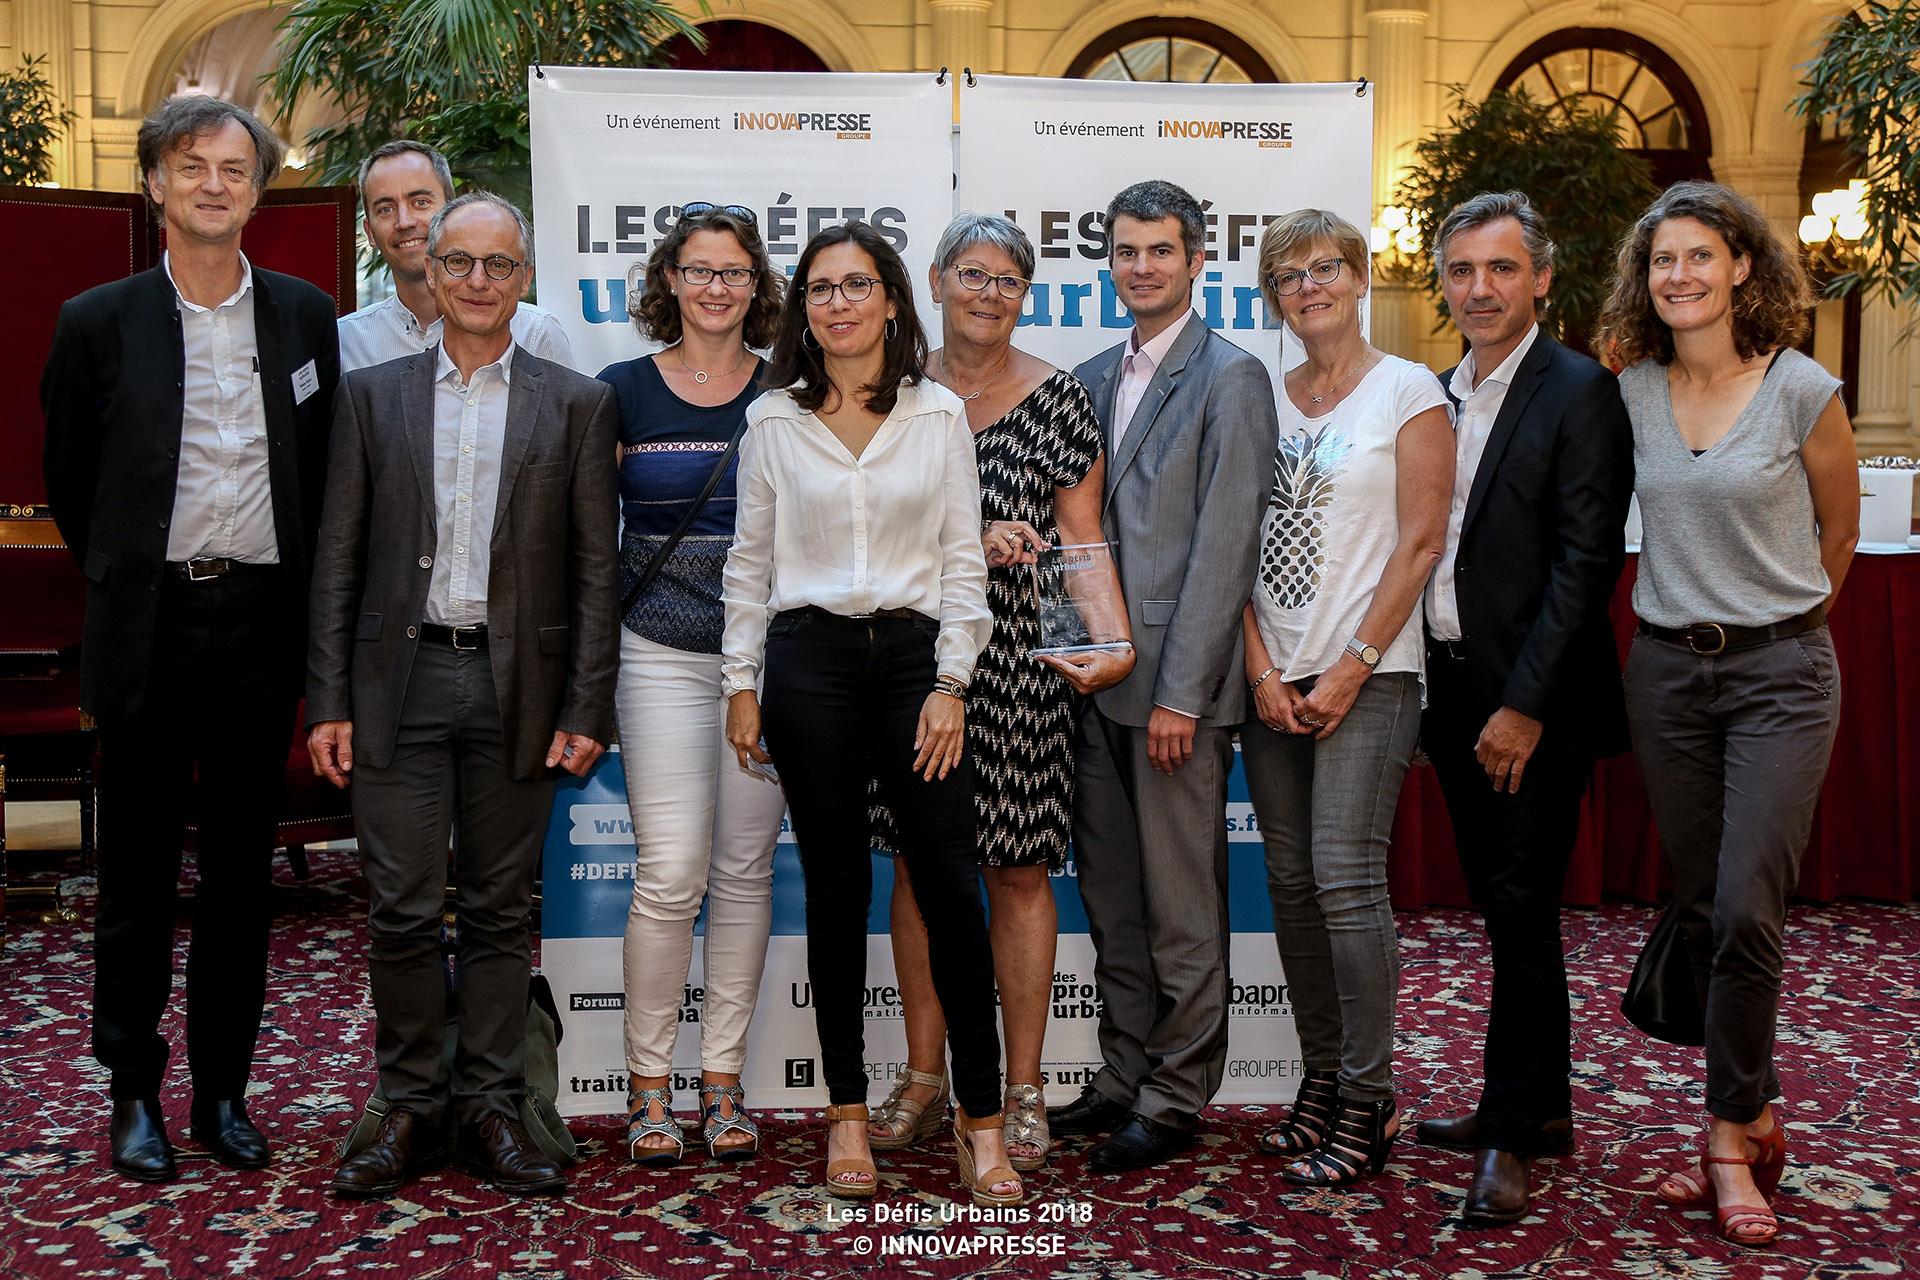 L'équipe de Notre-Dame-de-Gravenchon, un des projets Compagnie du Paysage primé aux défis urbains 2018